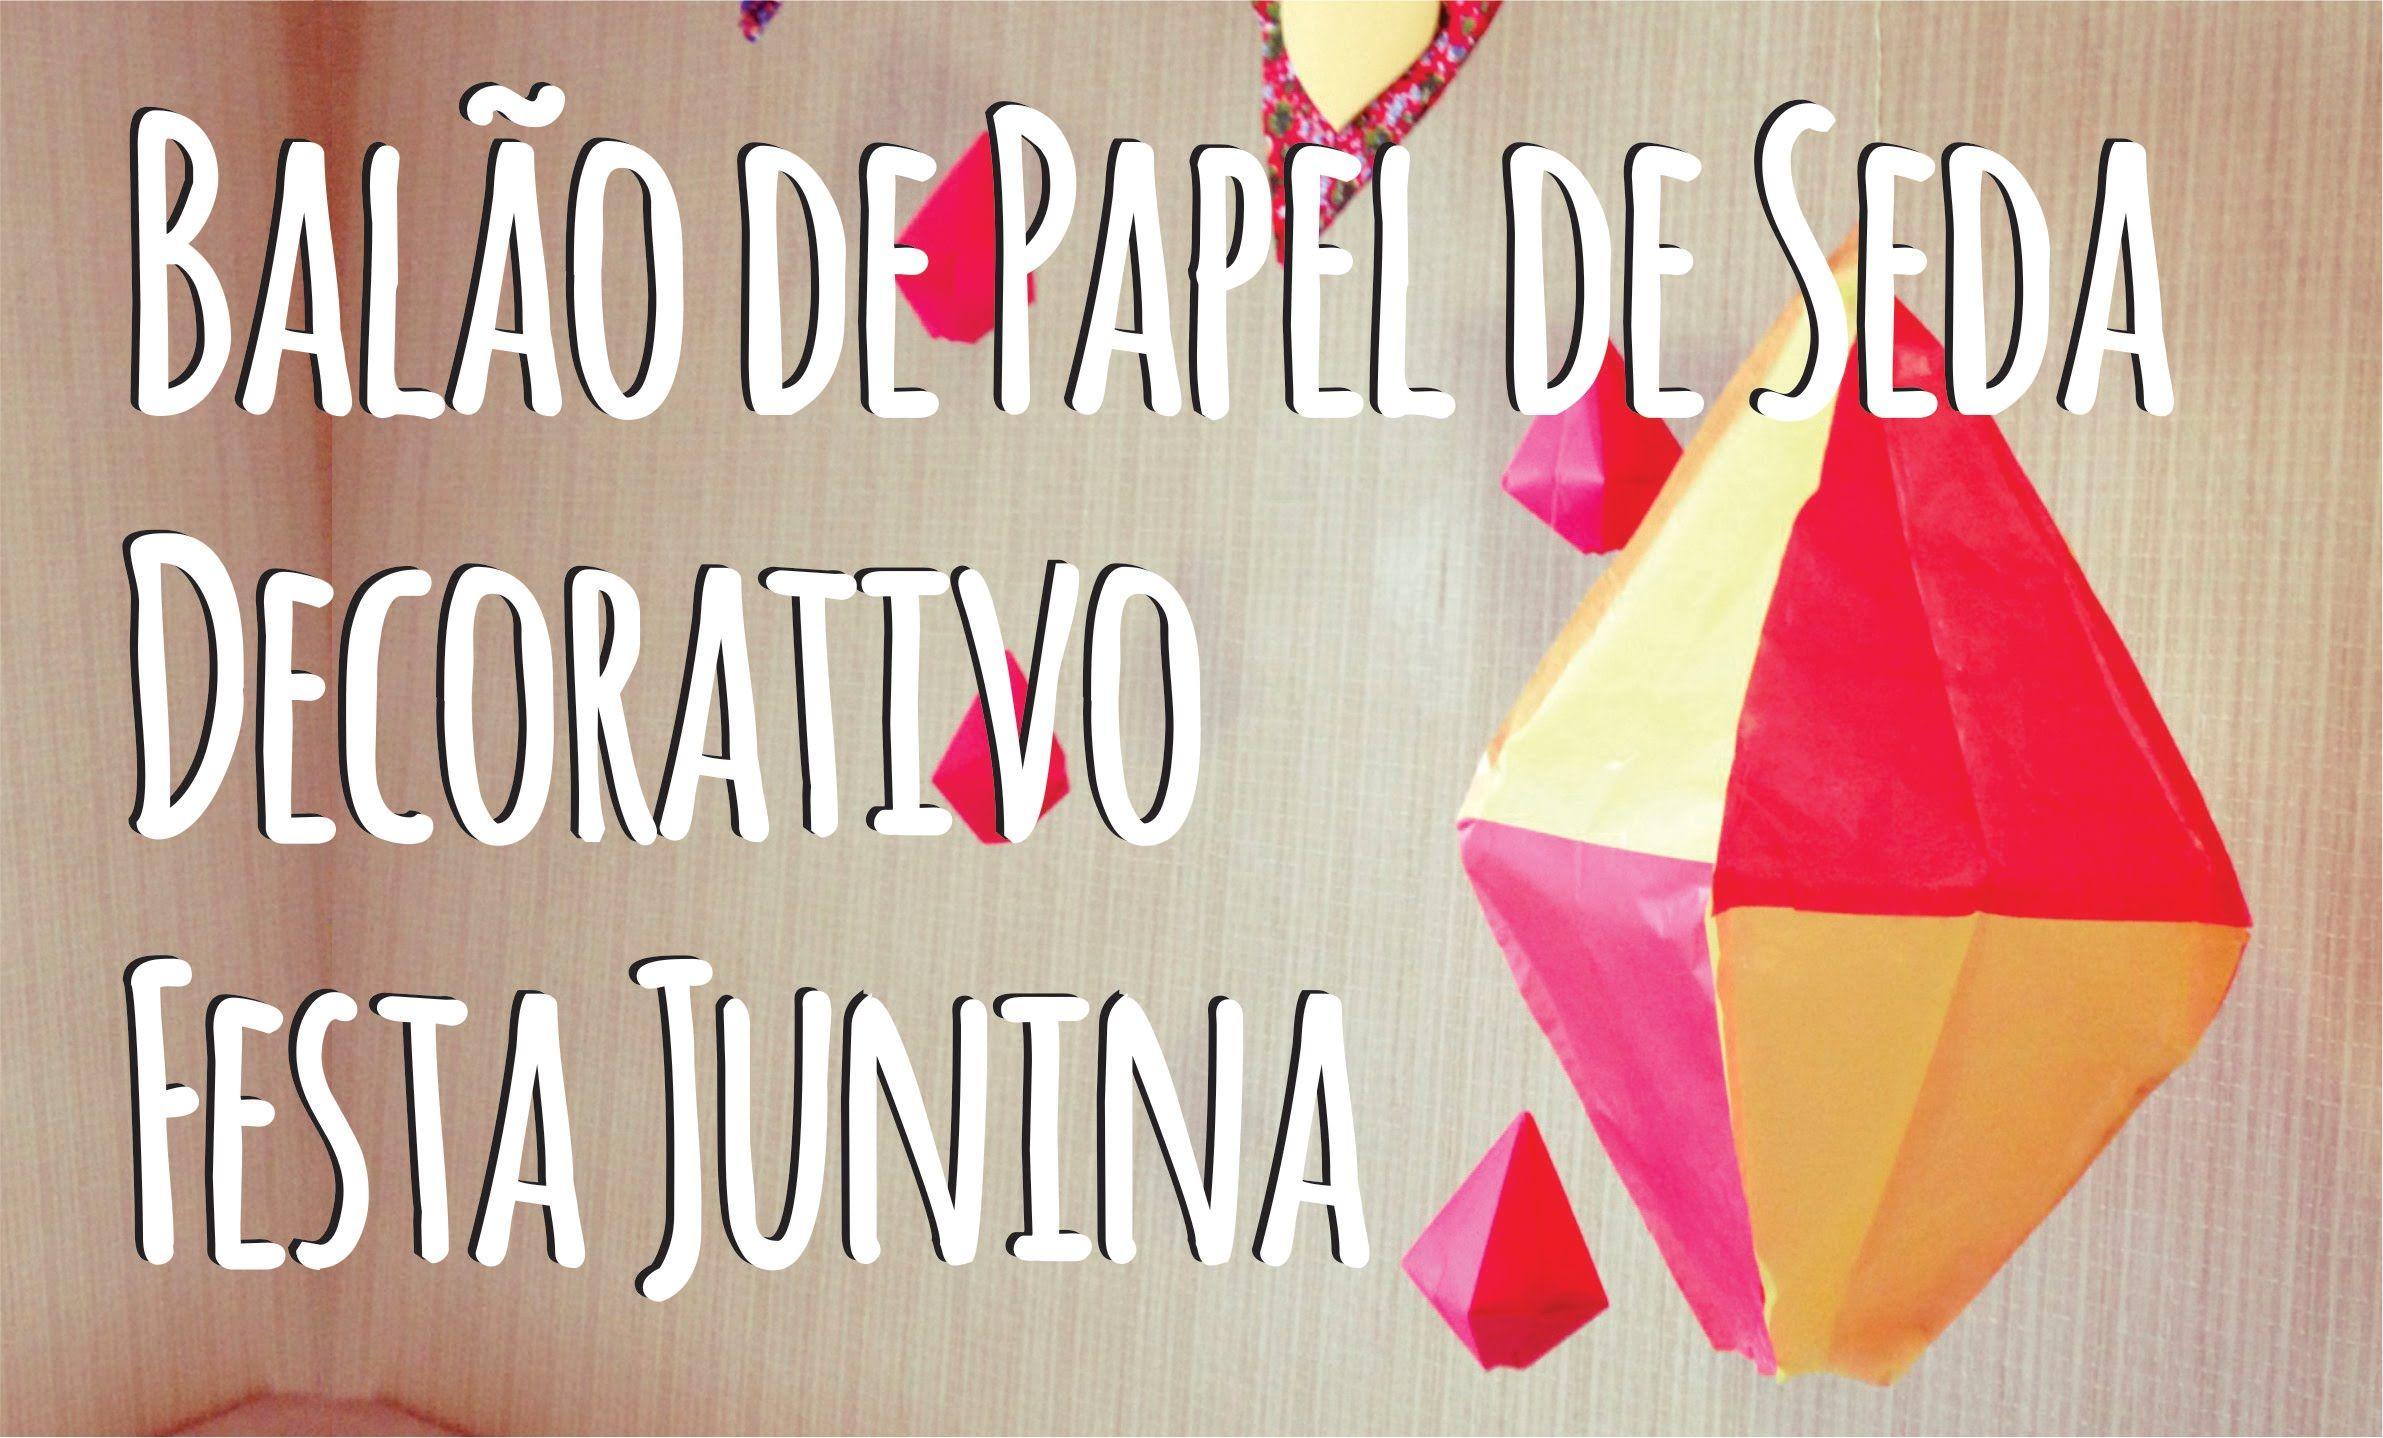 Diy Balao De Papel De Seda Decorativo Para Festa Junina Balao